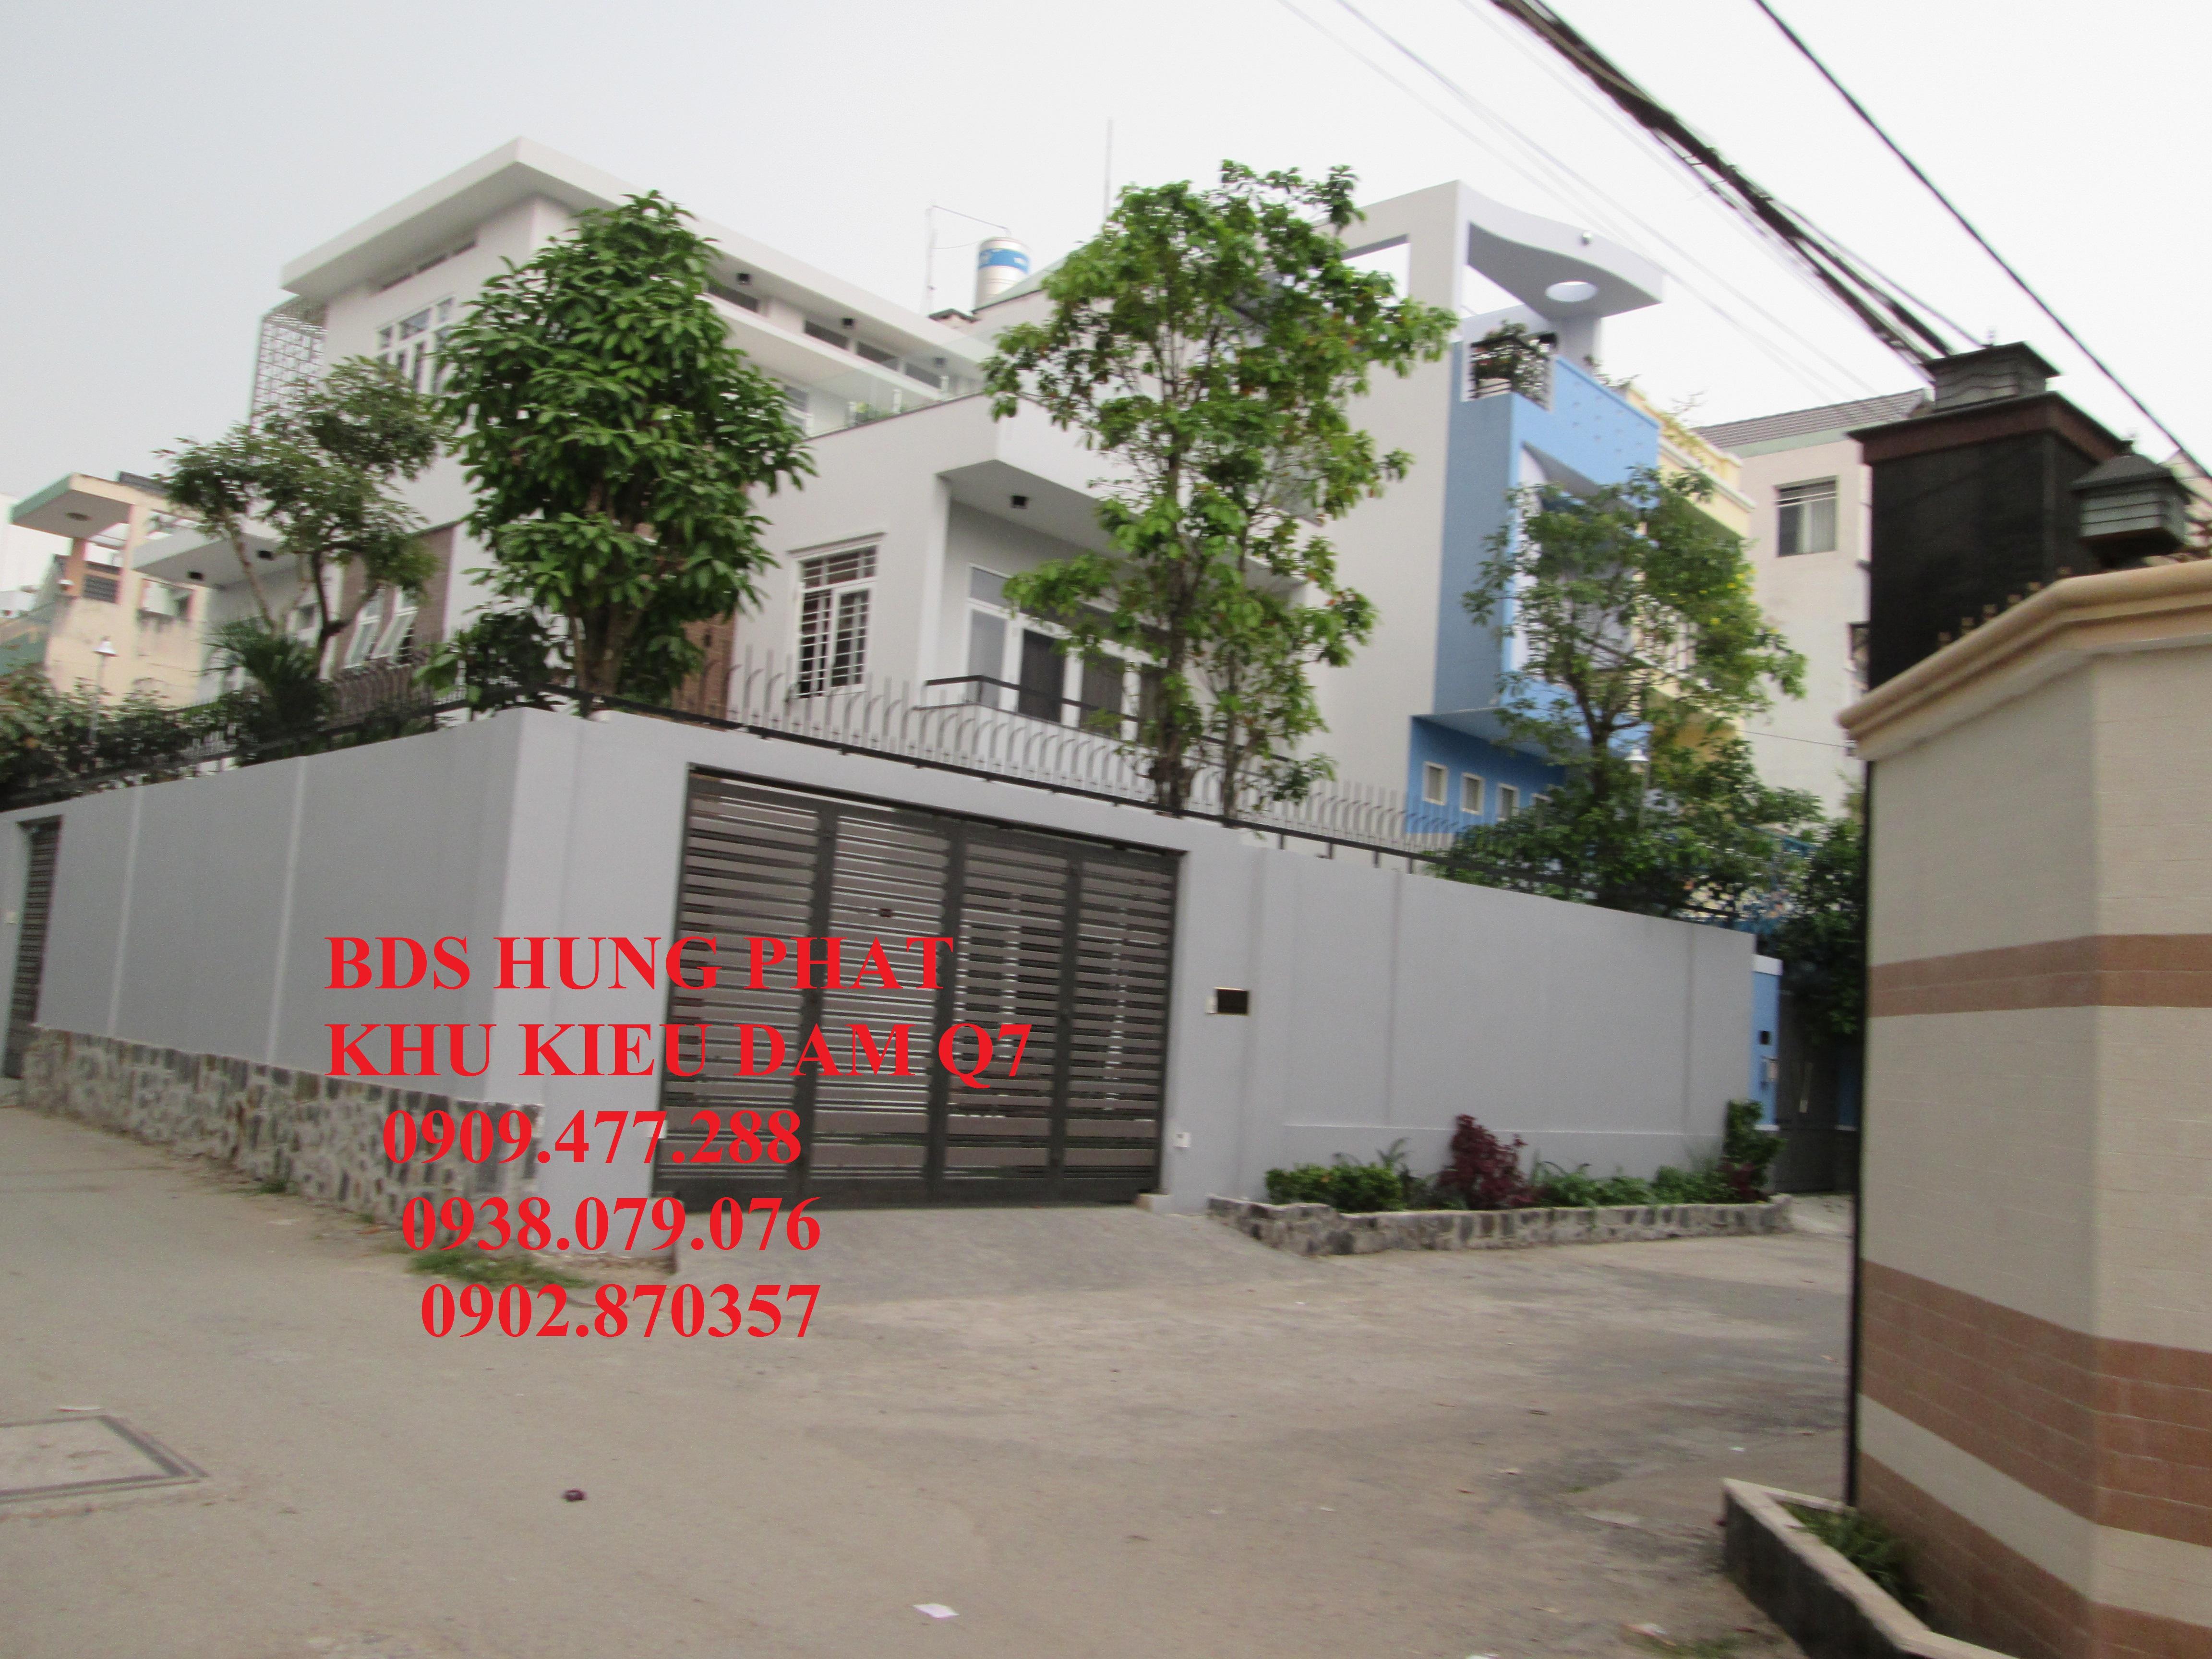 Bán đất khu dân cư kim sơn quận 7, lô A102, diện tích 5m x 20m, hướng Tây, giá bán 102 tr/m2